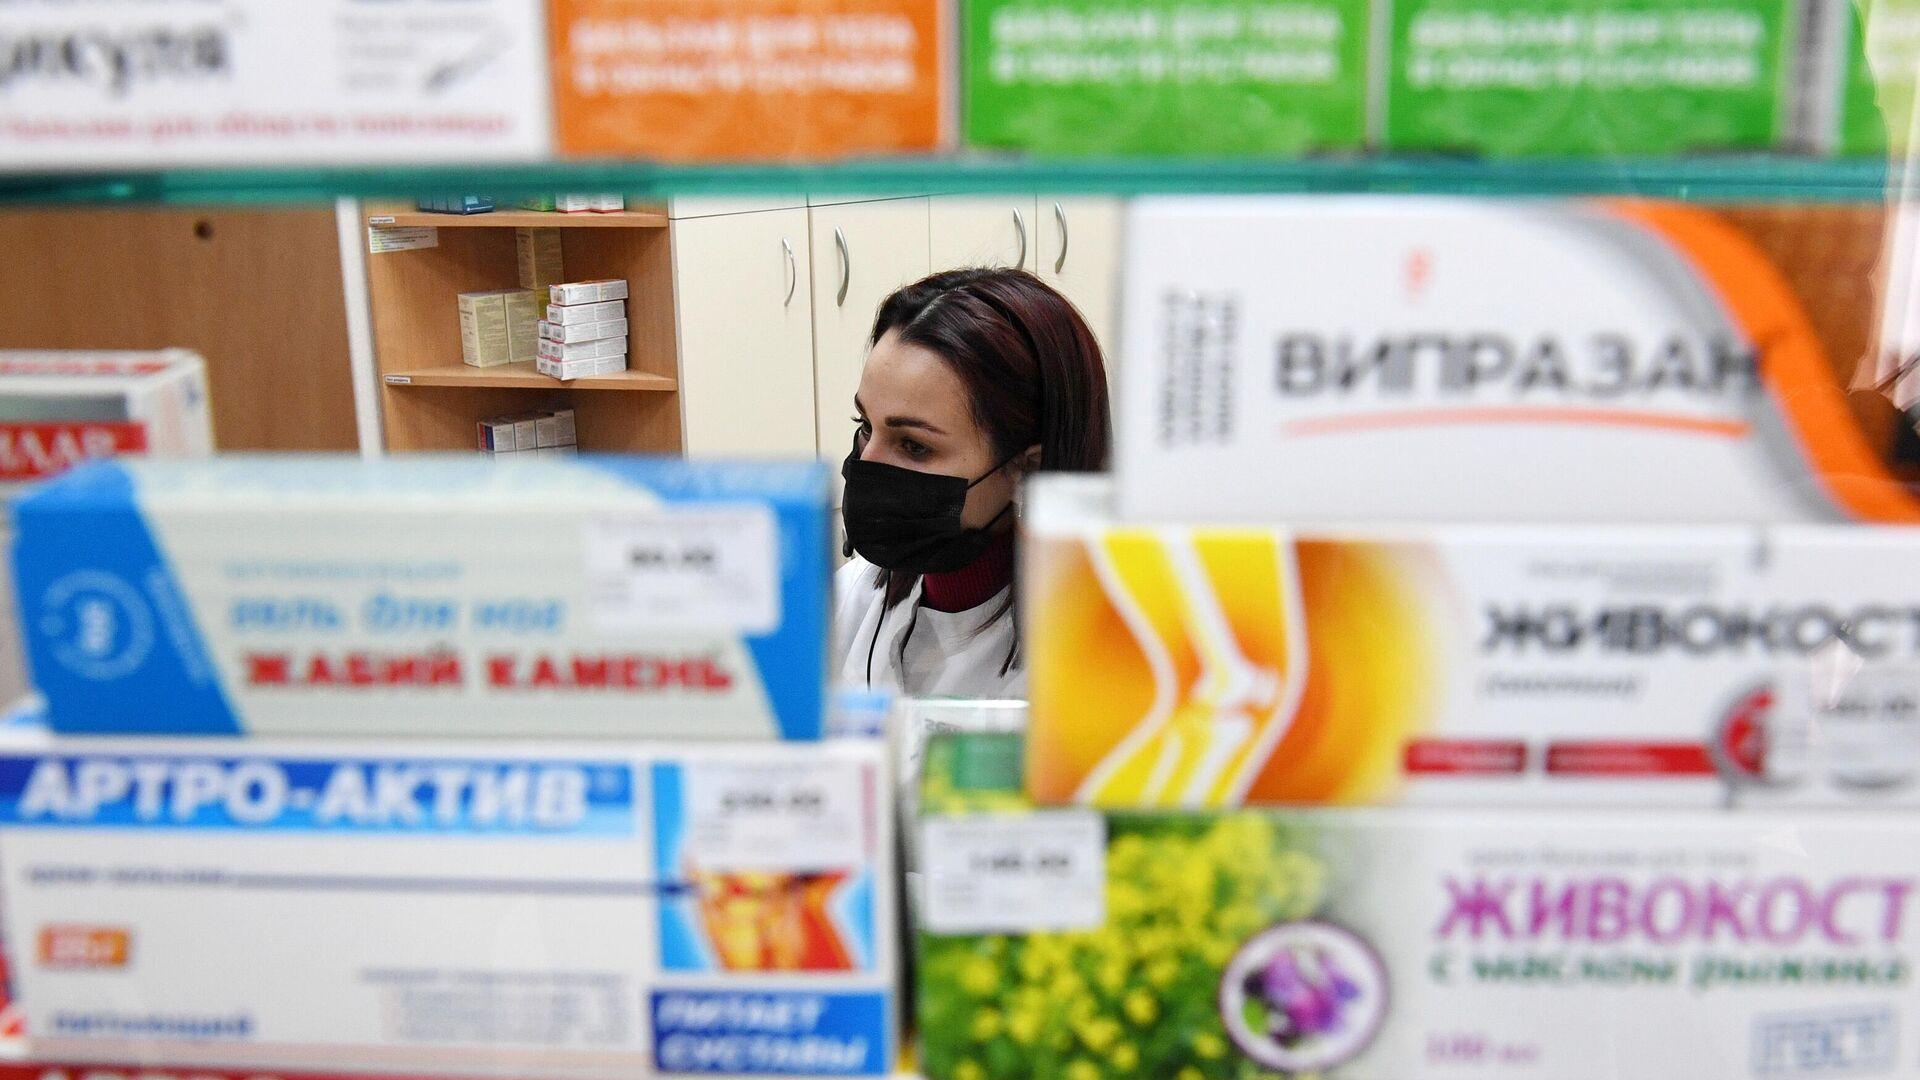 Торговля лекарствами в Новосибирске - РИА Новости, 1920, 03.08.2021